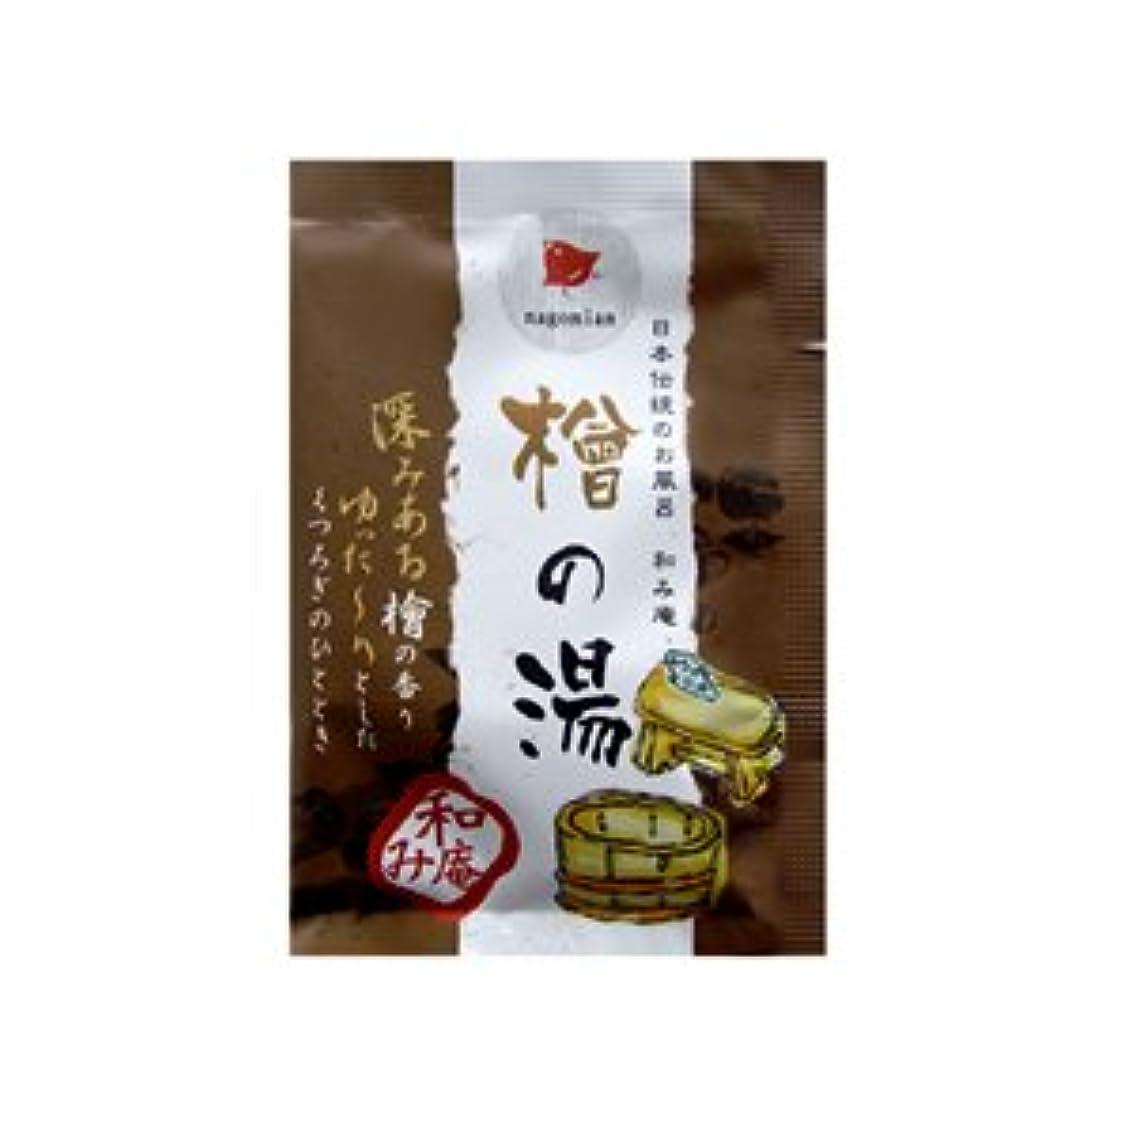 手足めったに侮辱日本伝統のお風呂 和み庵 檜の湯 25g 10個セット